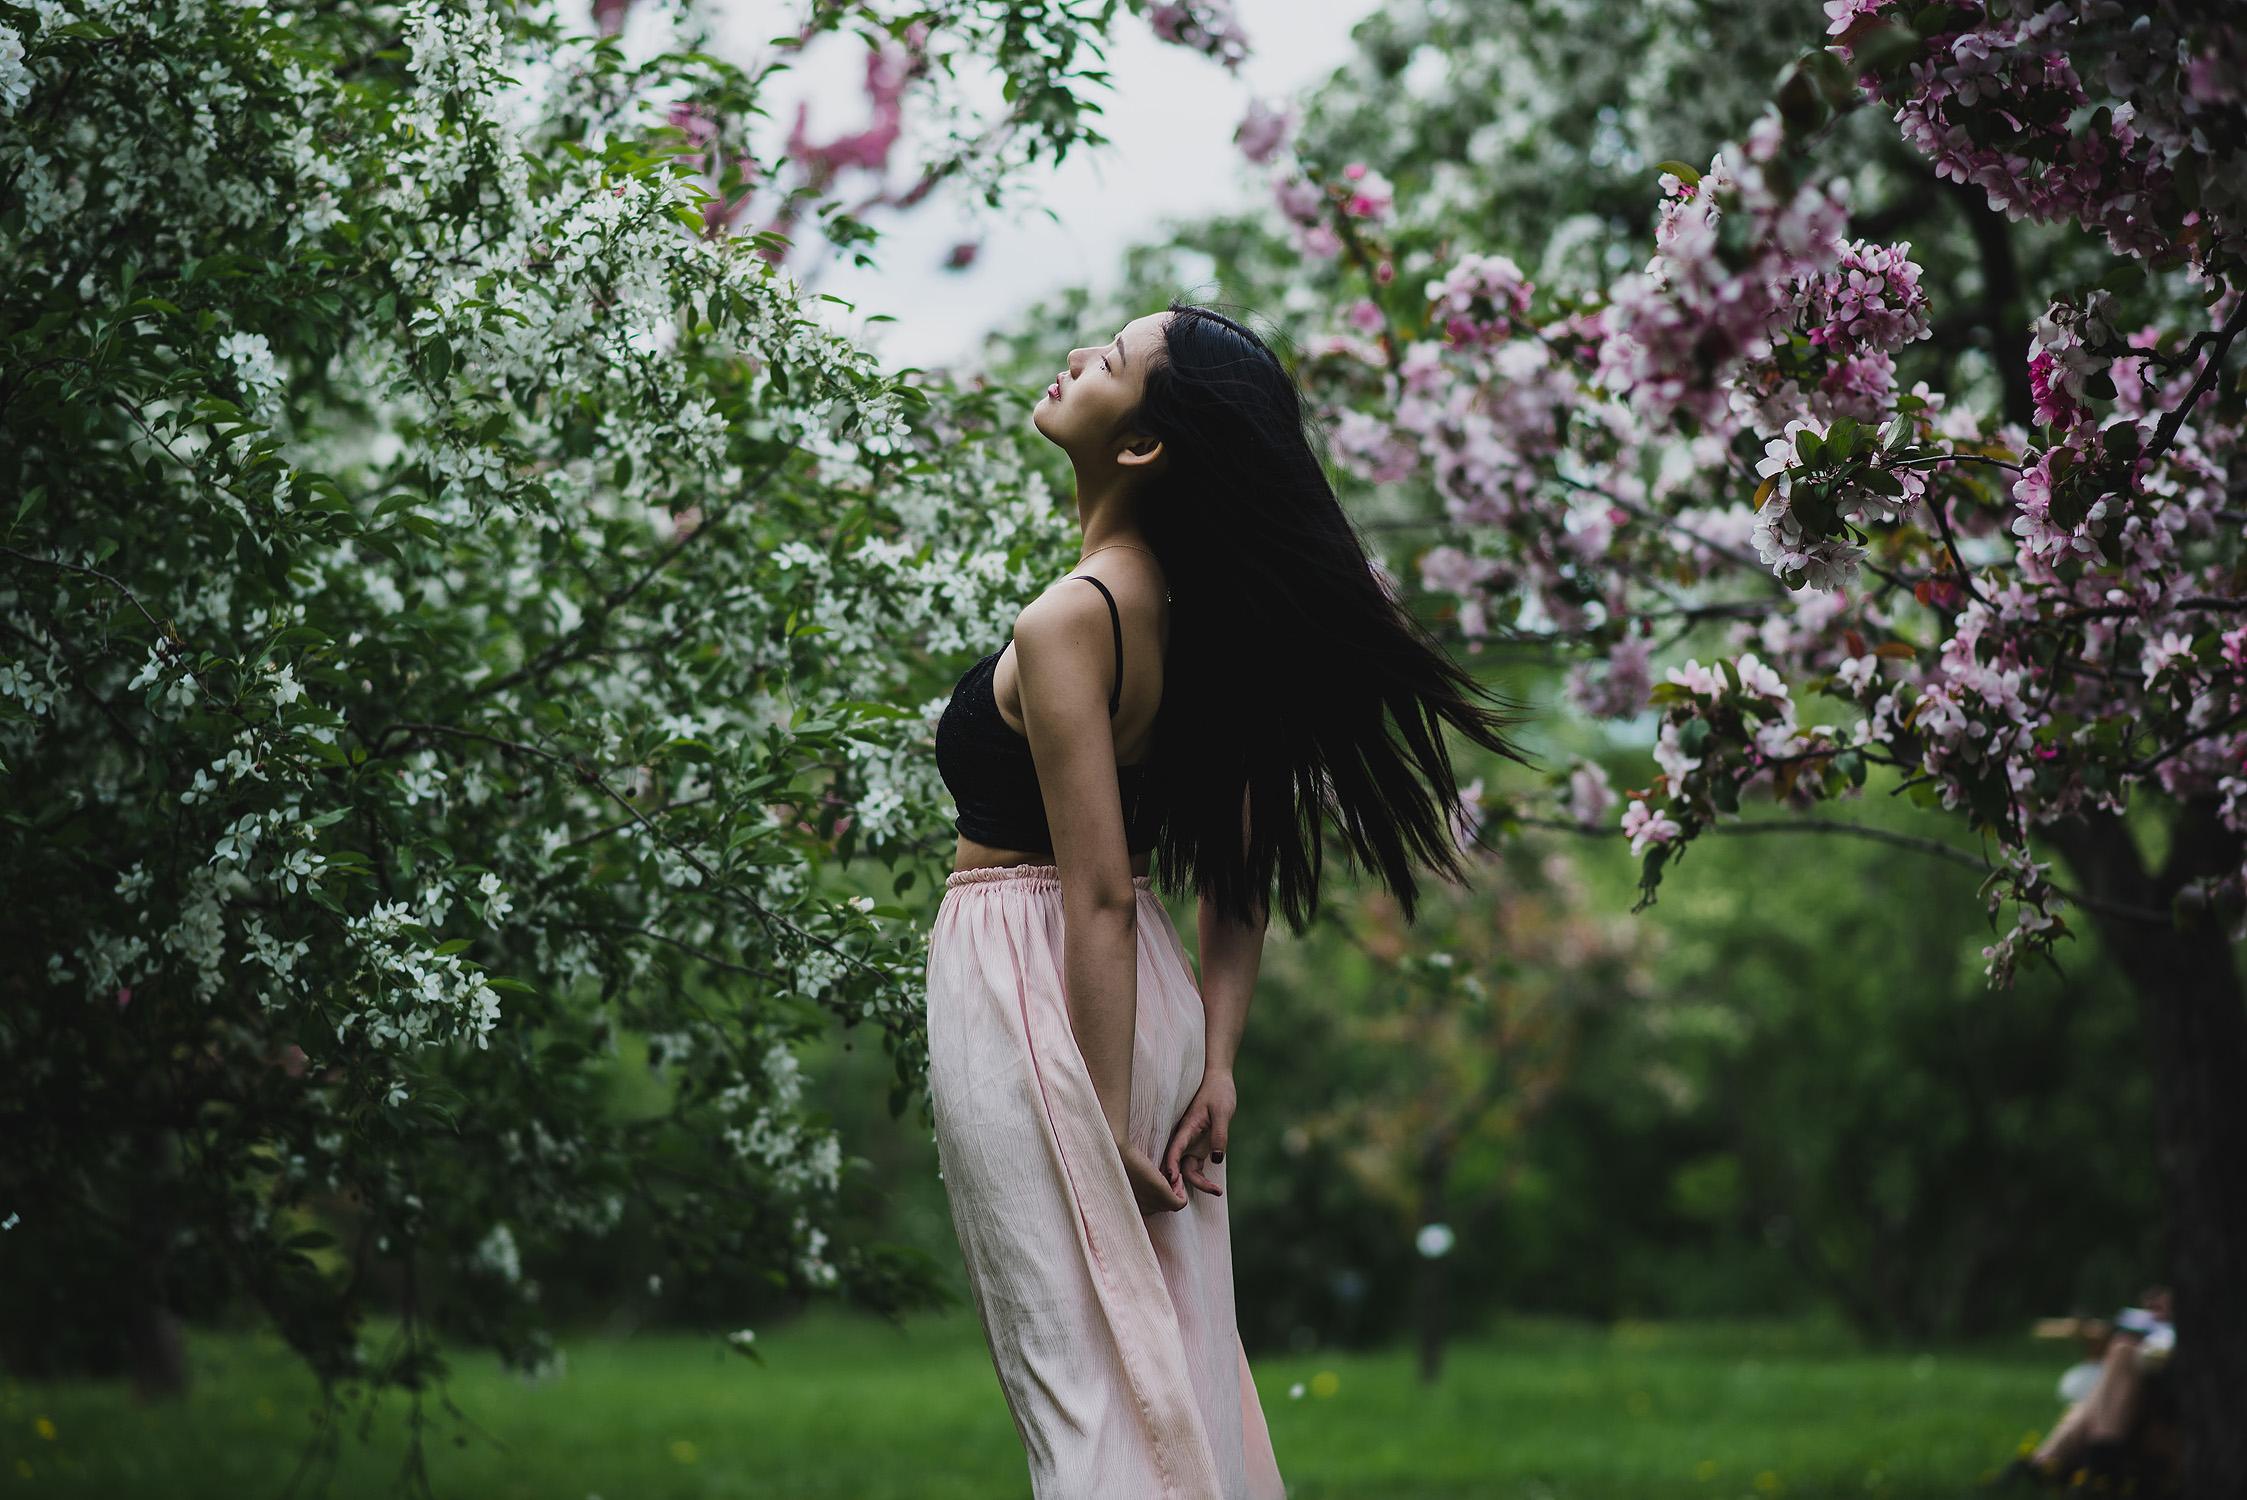 yifan_flower-14.jpg